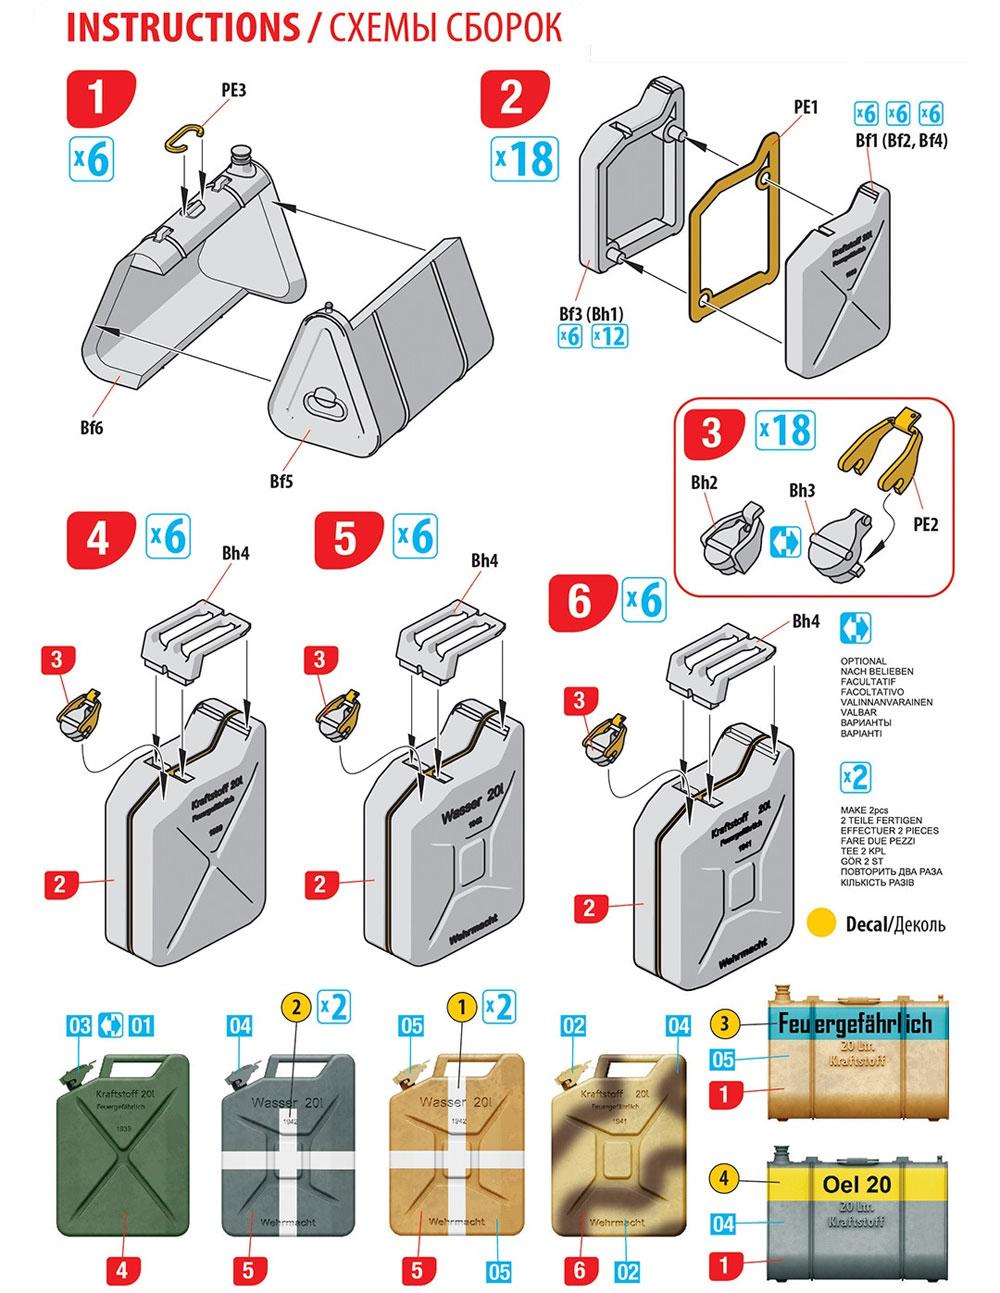 ドイツ ジェリカンセット WW2プラモデル(ミニアート1/35 ビルディング&アクセサリー シリーズNo.35588)商品画像_1